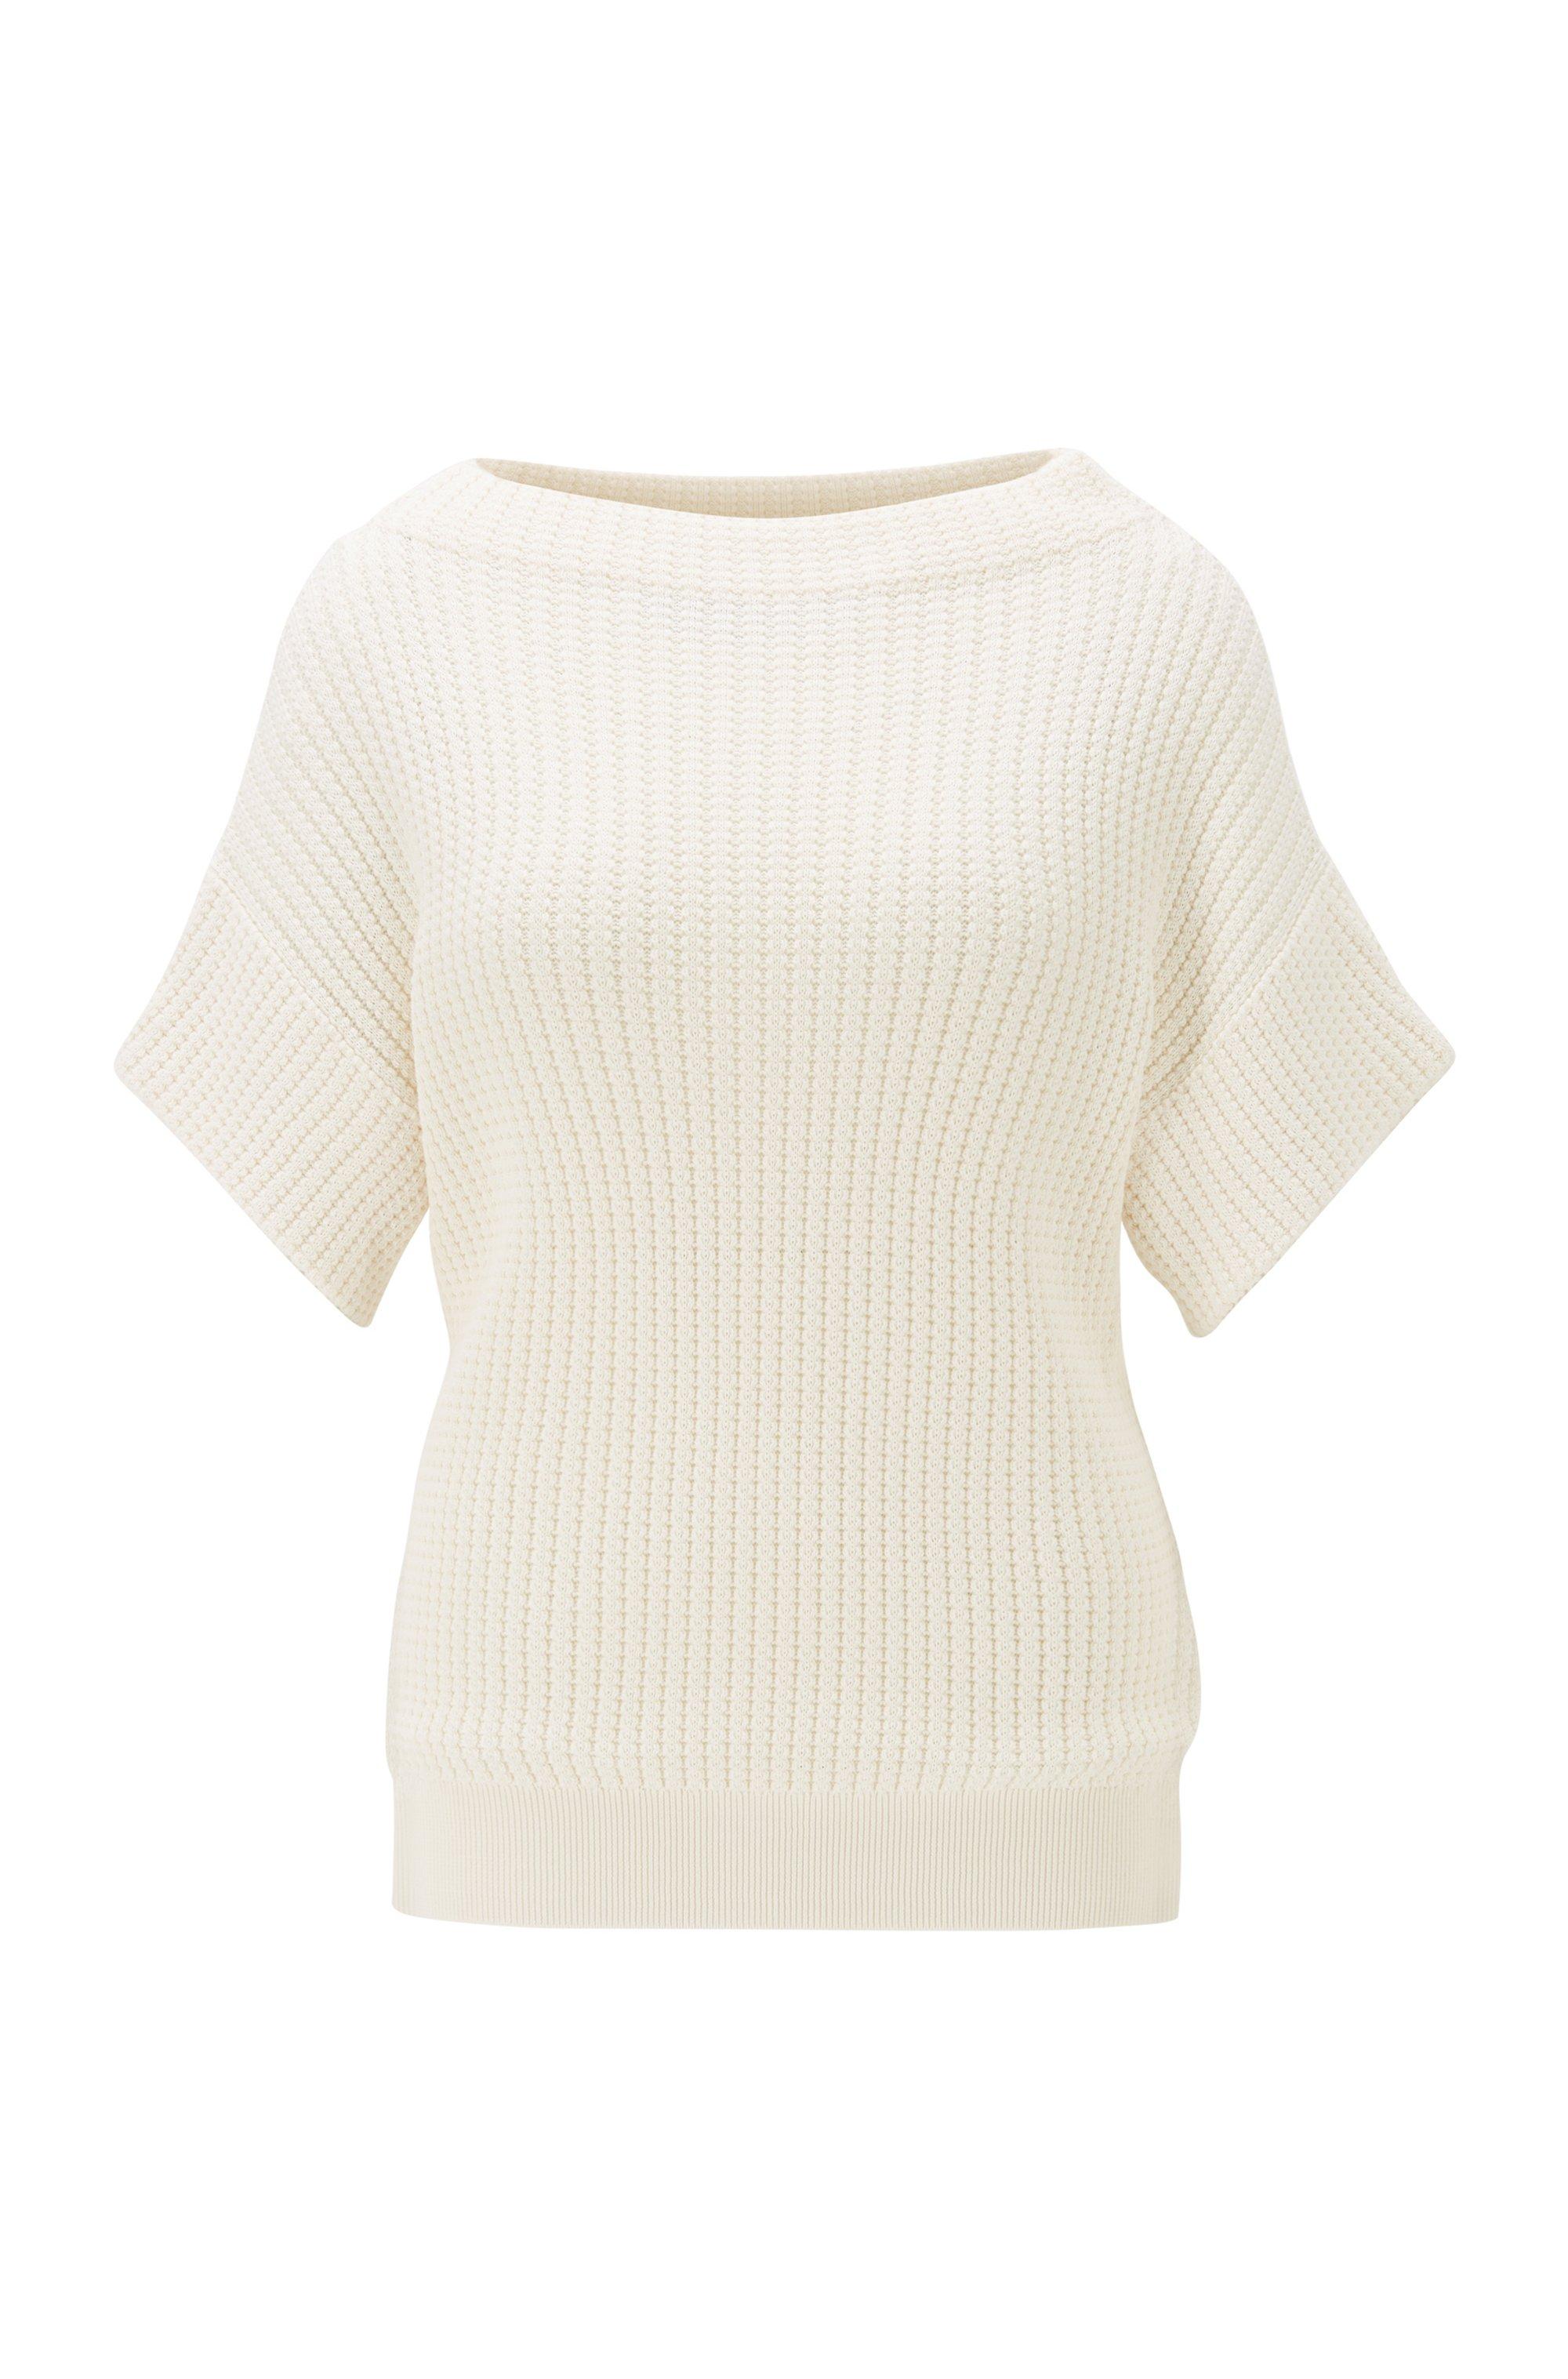 Maglione relaxed fit a maniche corte in cotone e seta, Bianco